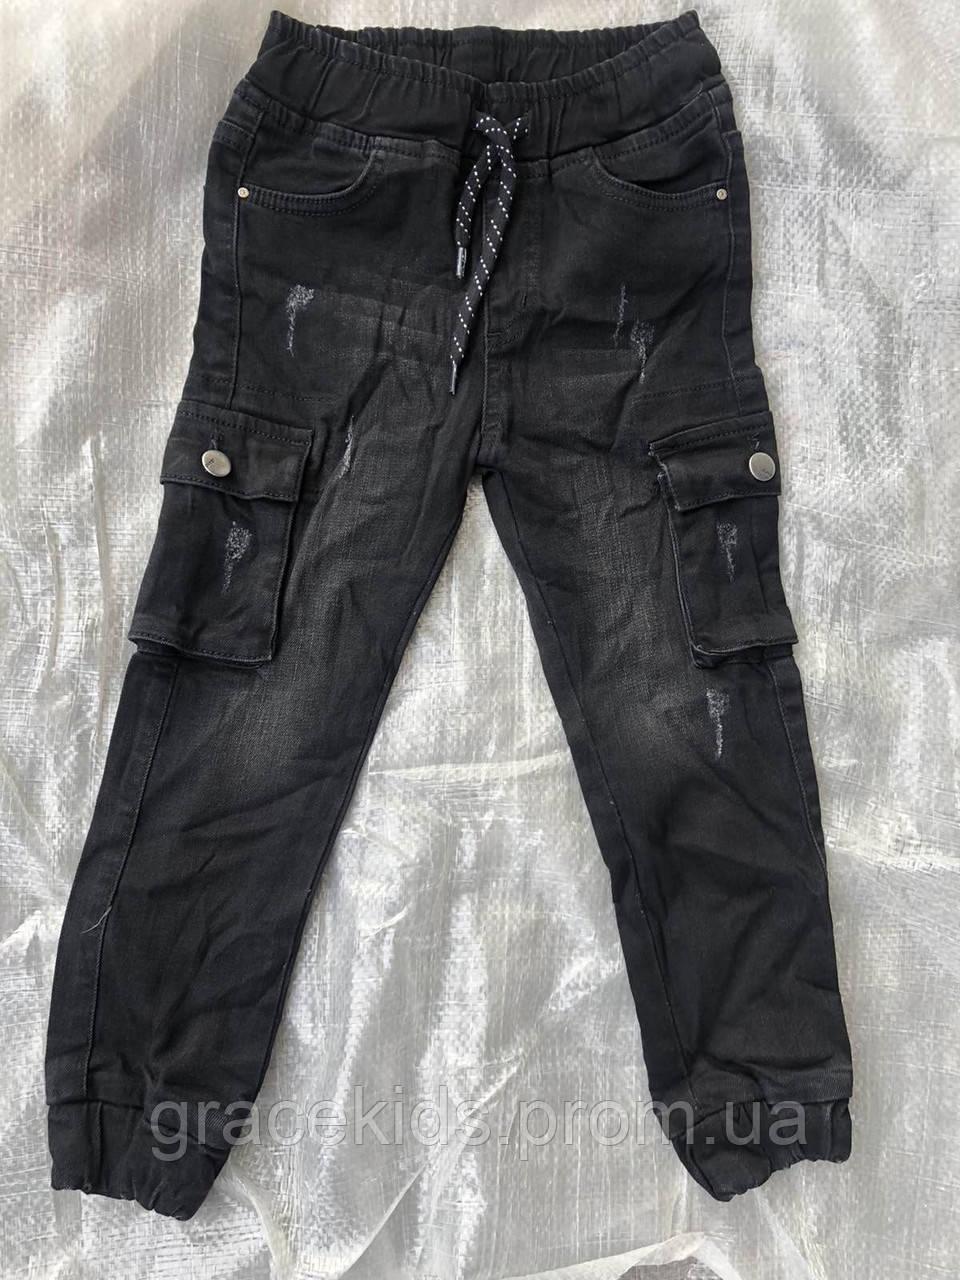 Подростковые джинсы на манжете с карманами для мальчиков,разм 9-14лет(134-164 см)